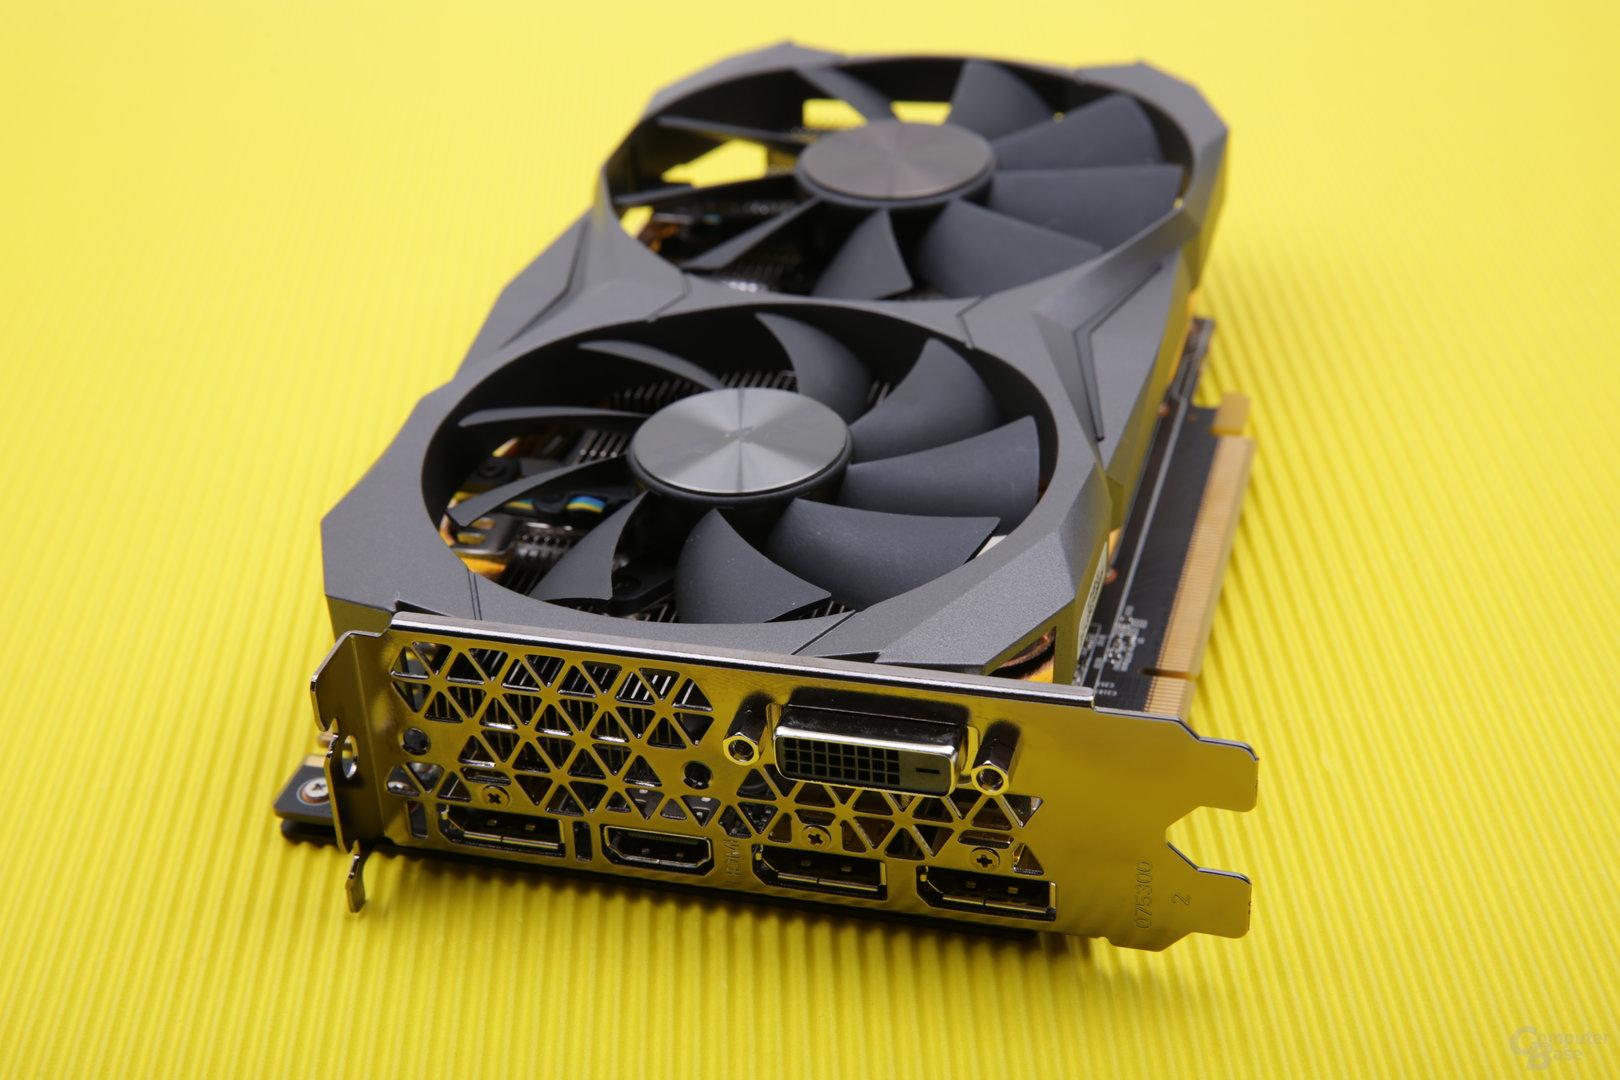 Zotac GeForce GTX 1080 Mini – Anschlüsse